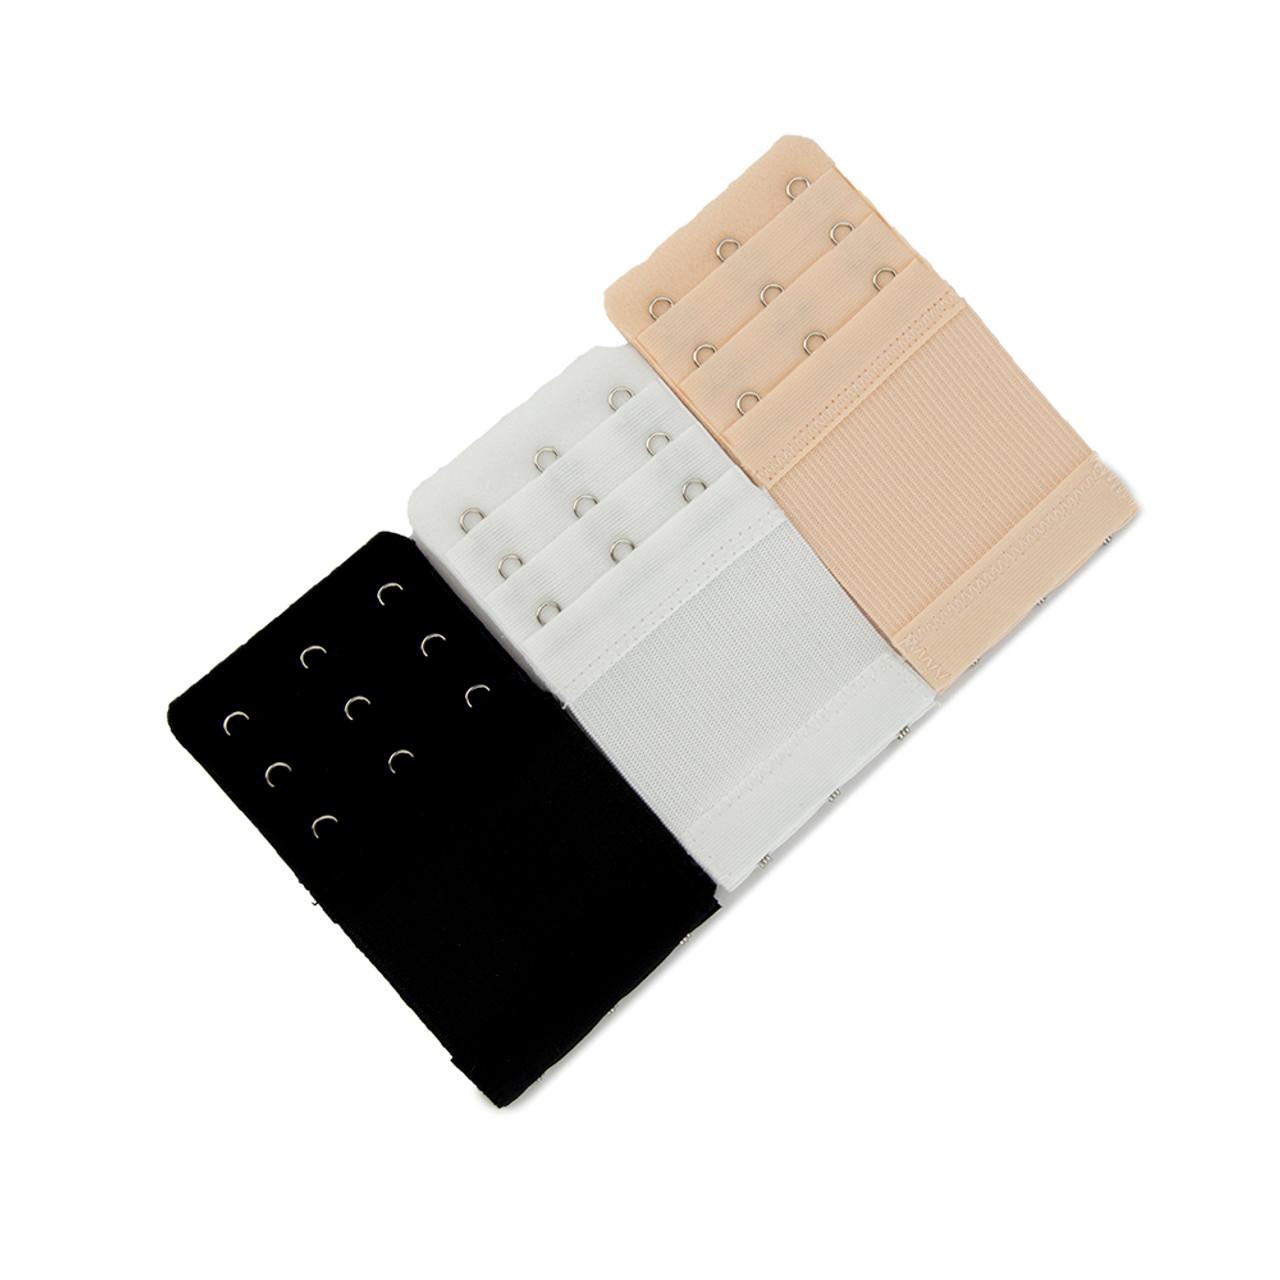 Comfort Bra Extender 4-Hook 9-pack 3 Black, 3 White, 3 Beige from MOMTL